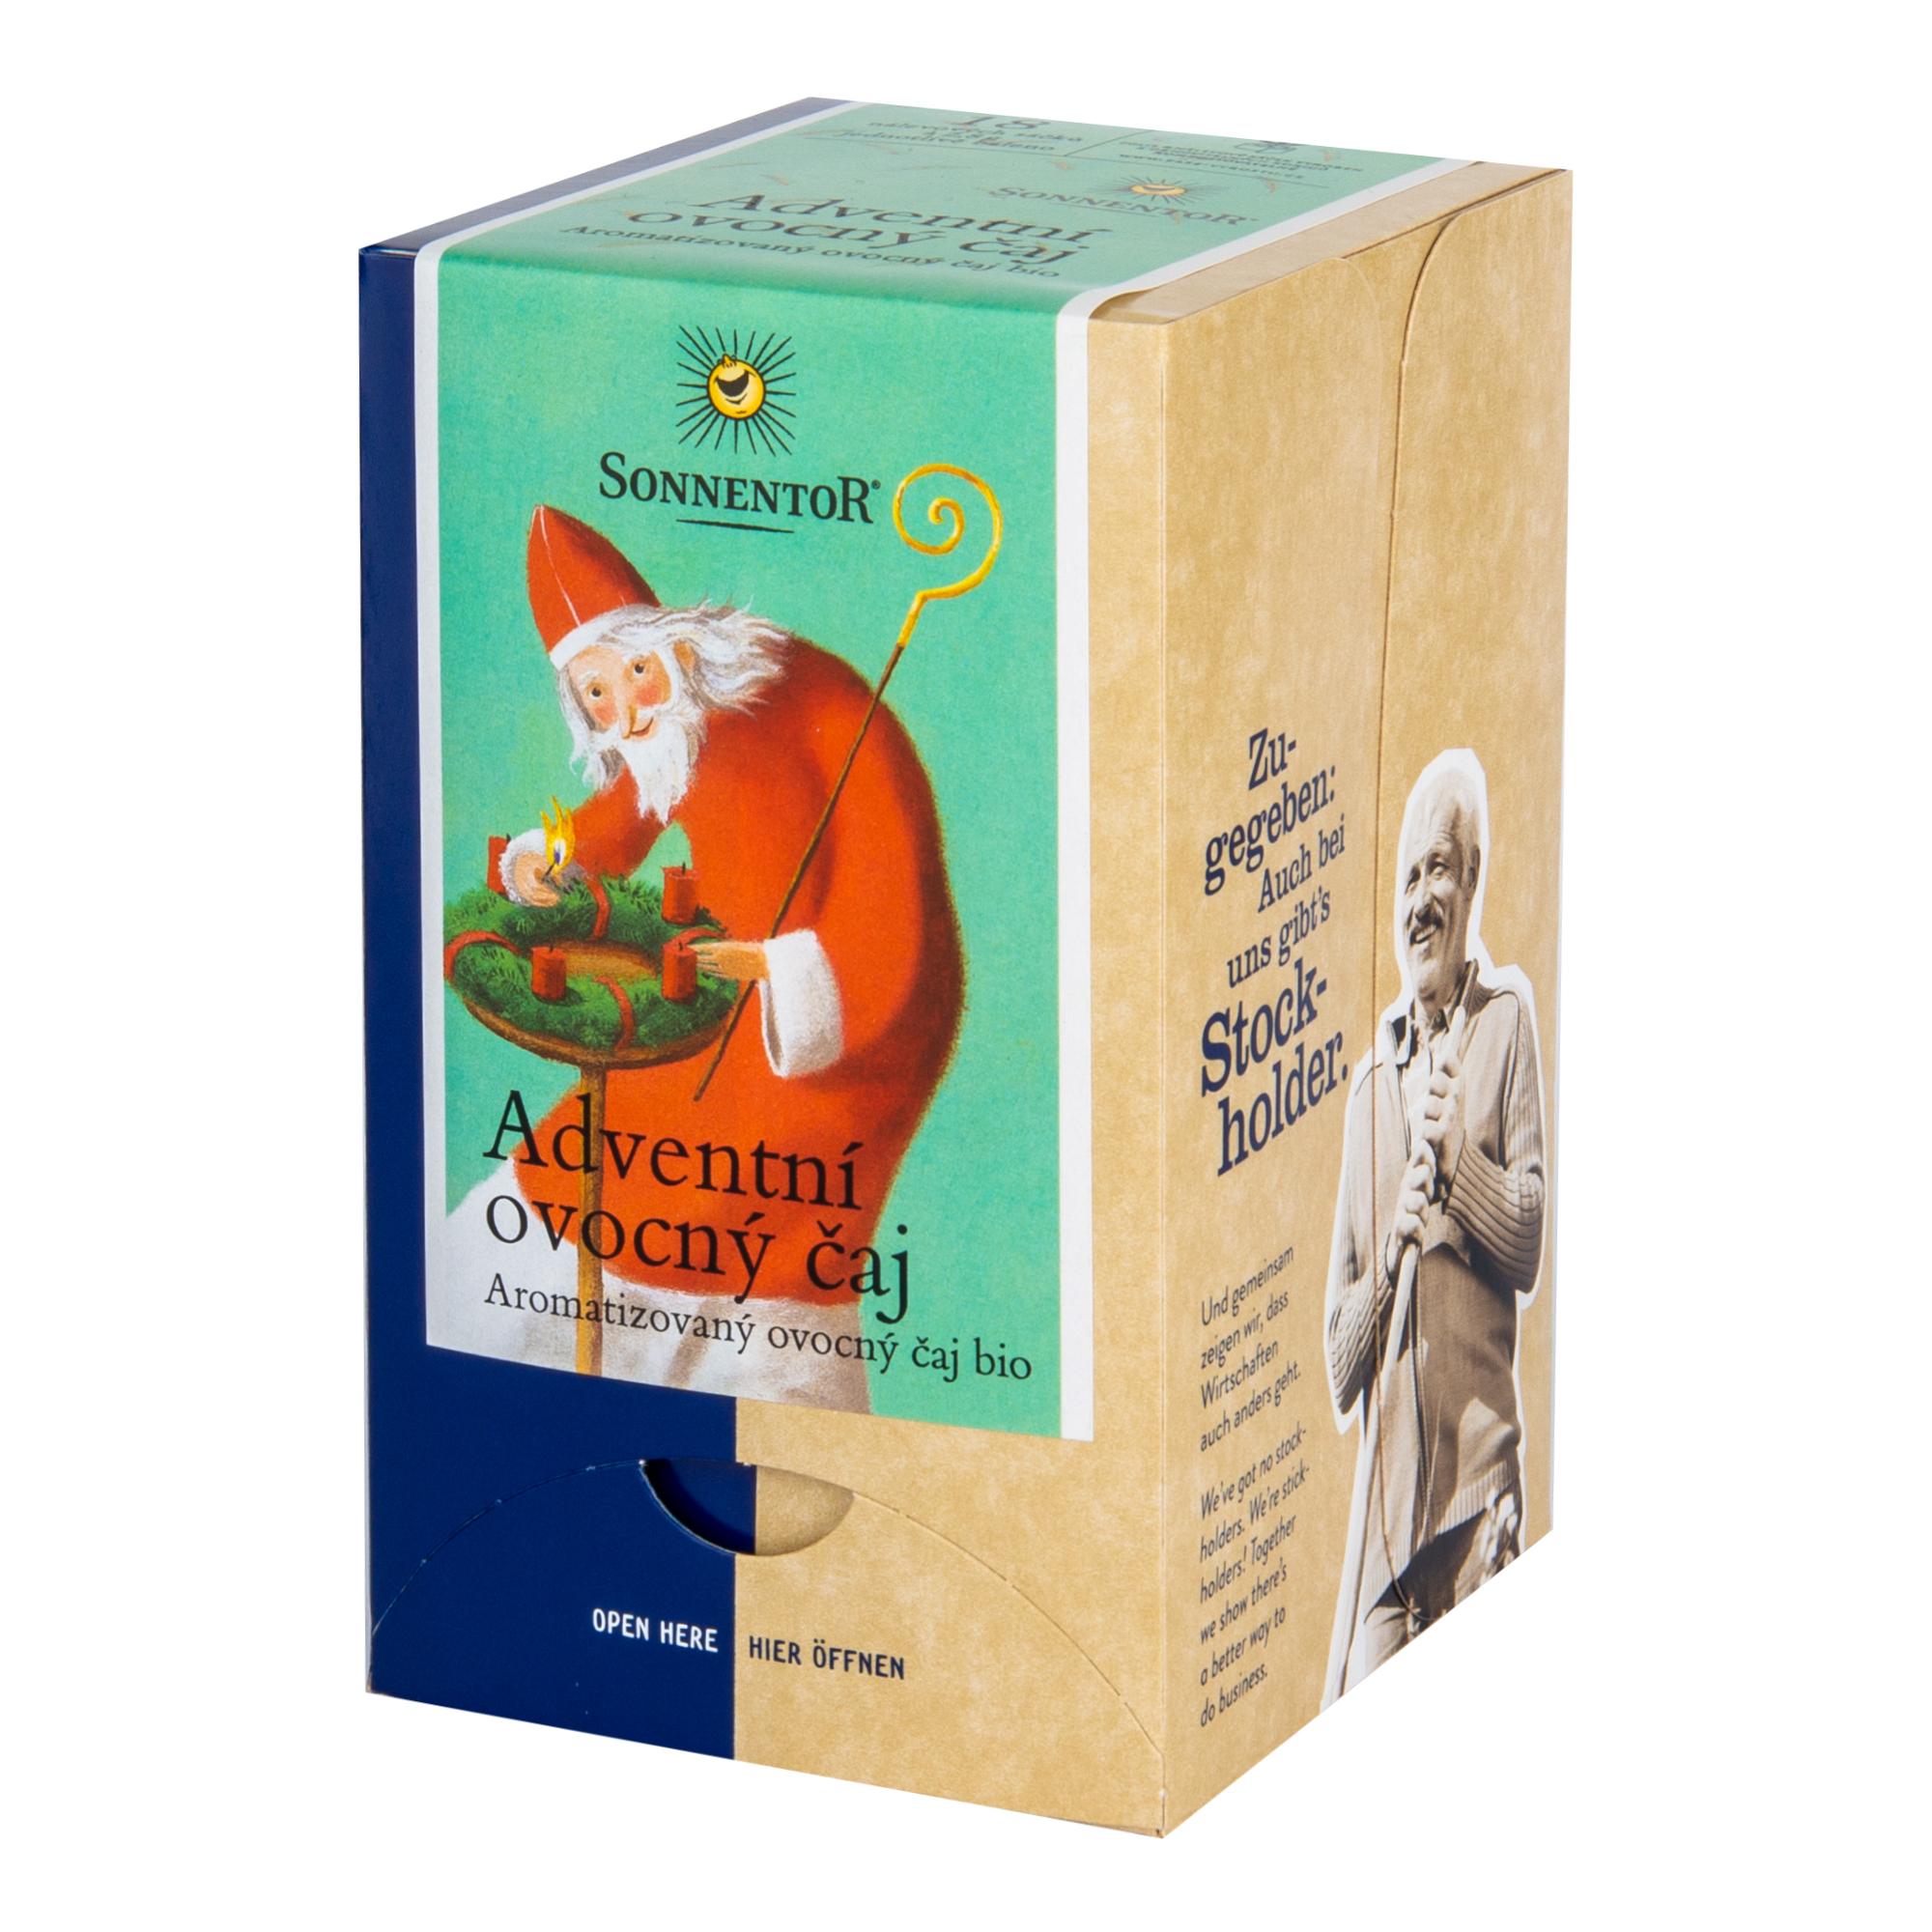 Adventní ovocný čaj 50,4g 18 sáčků v přebalu